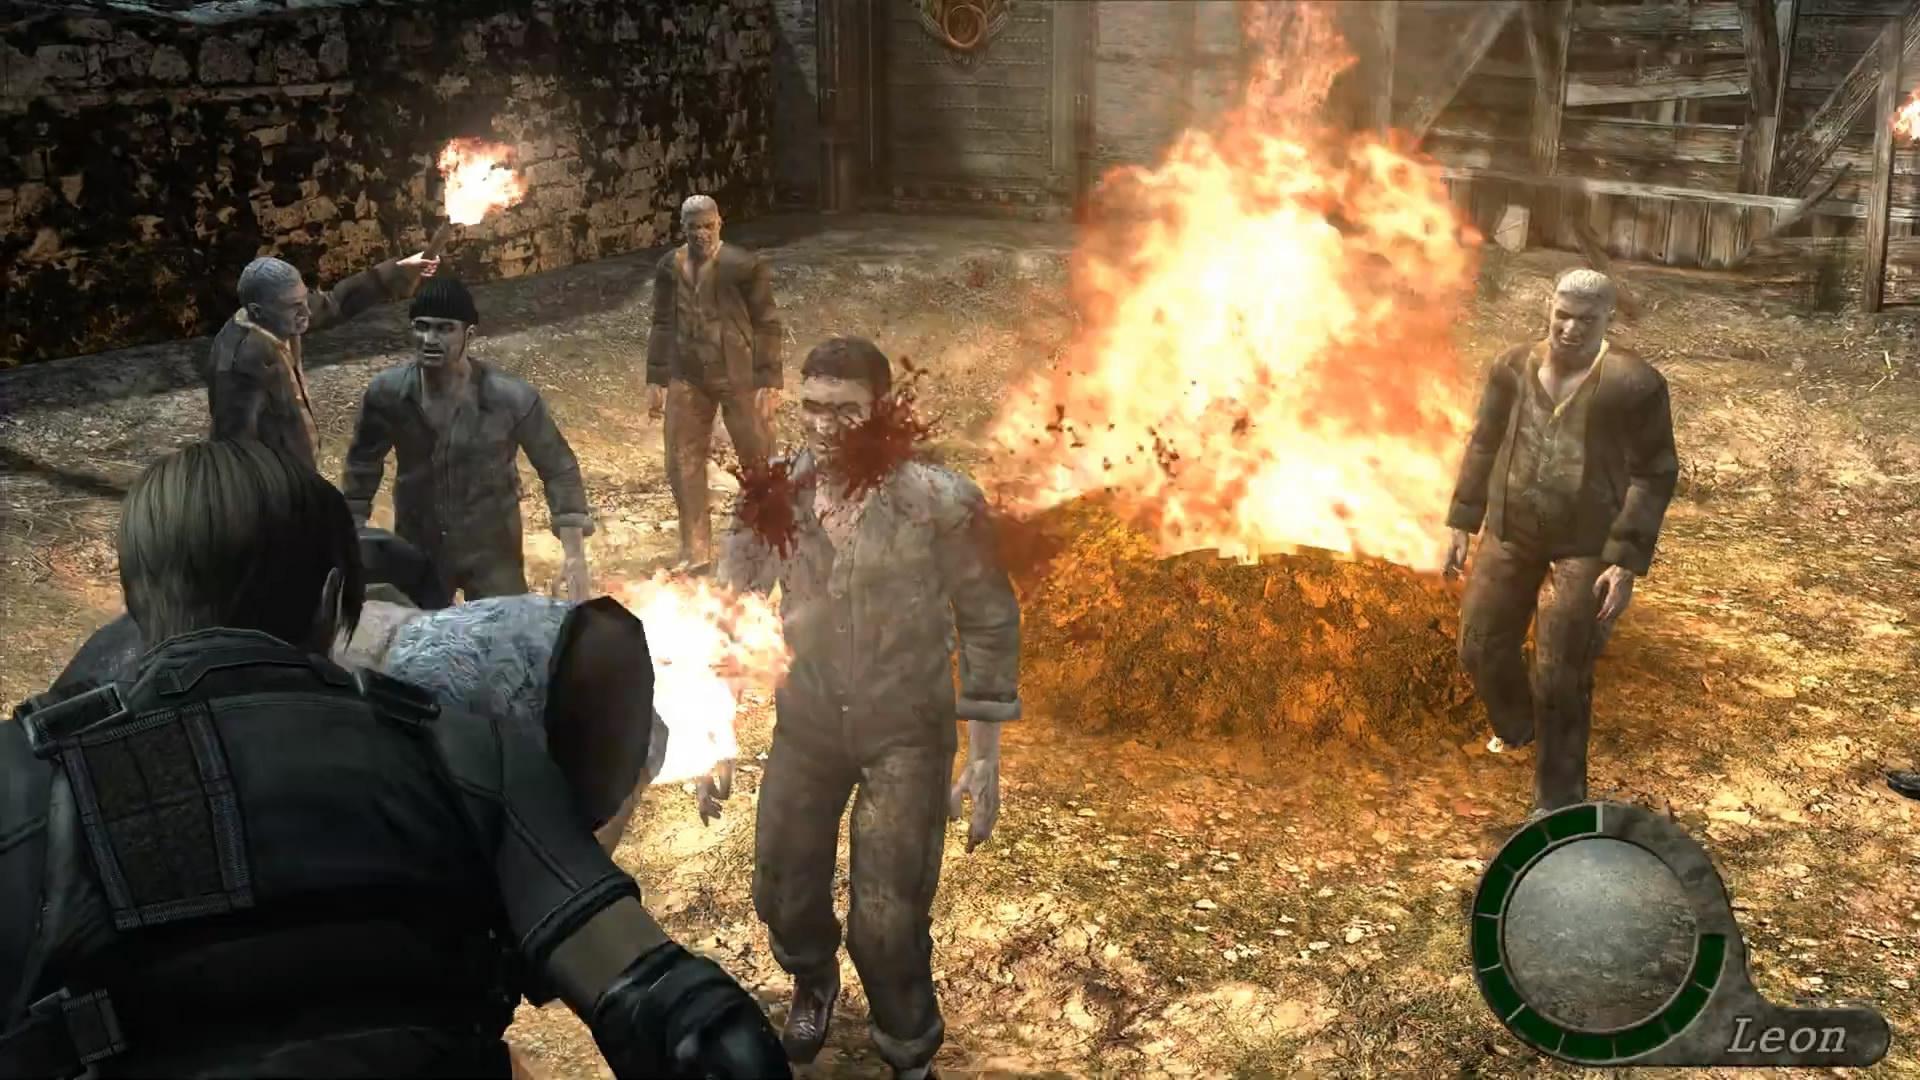 民间《生化危机4》HD版即将完成 游戏画面大进化